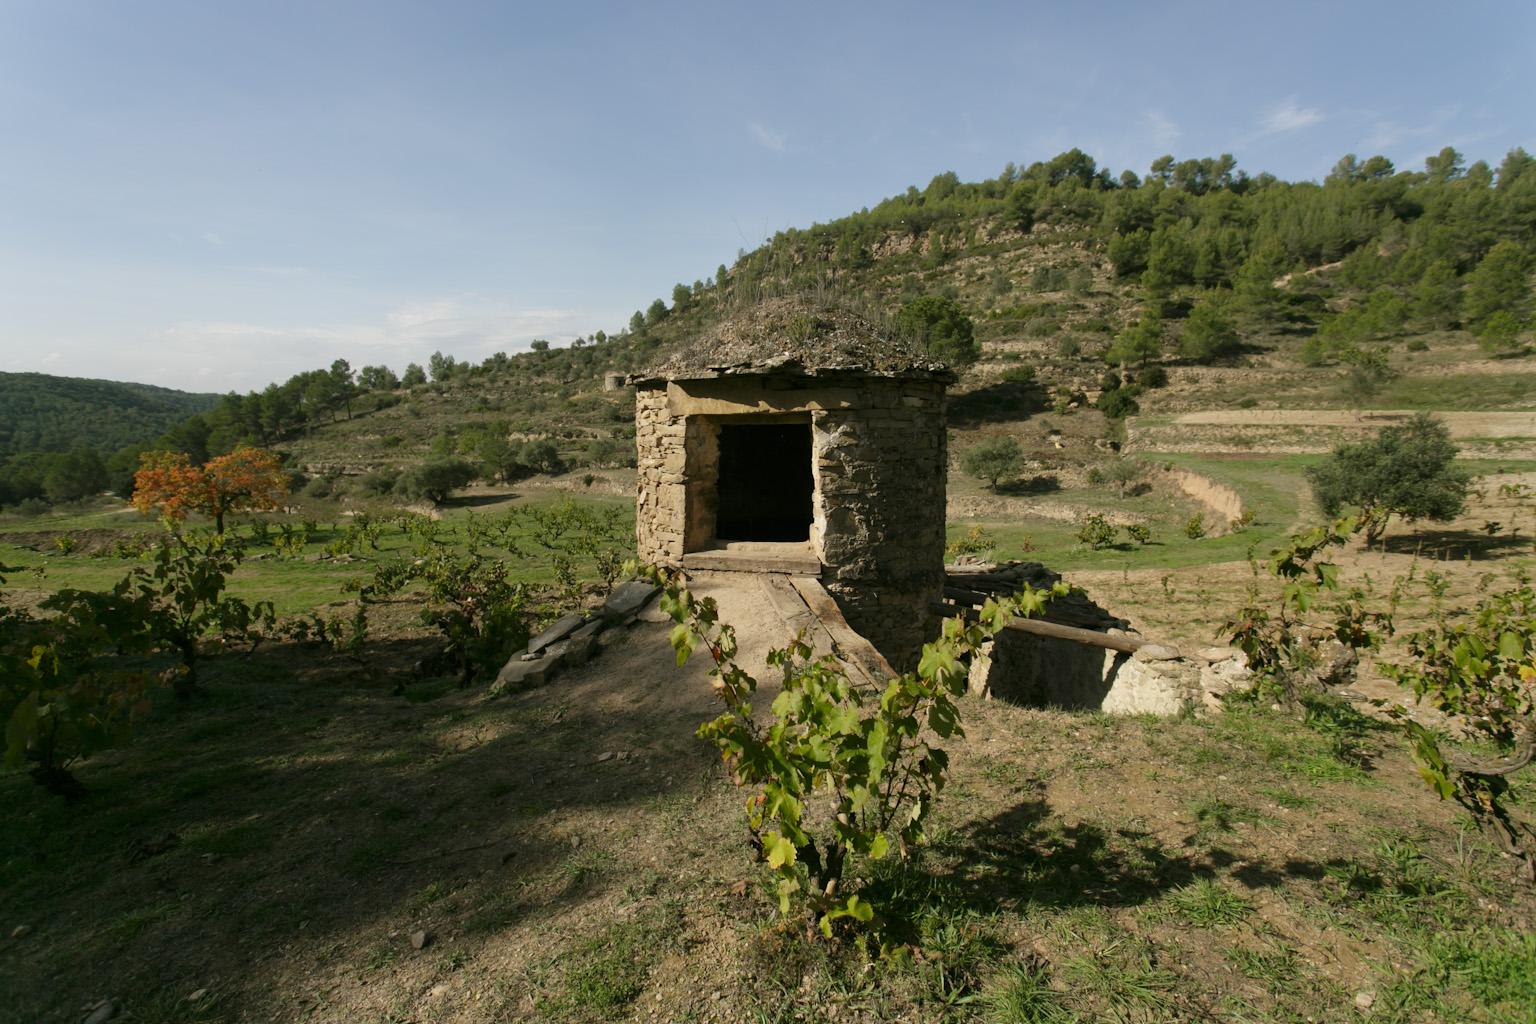 Tina de pedra seca a la Vinya Arboset d'Abadal   Abadal